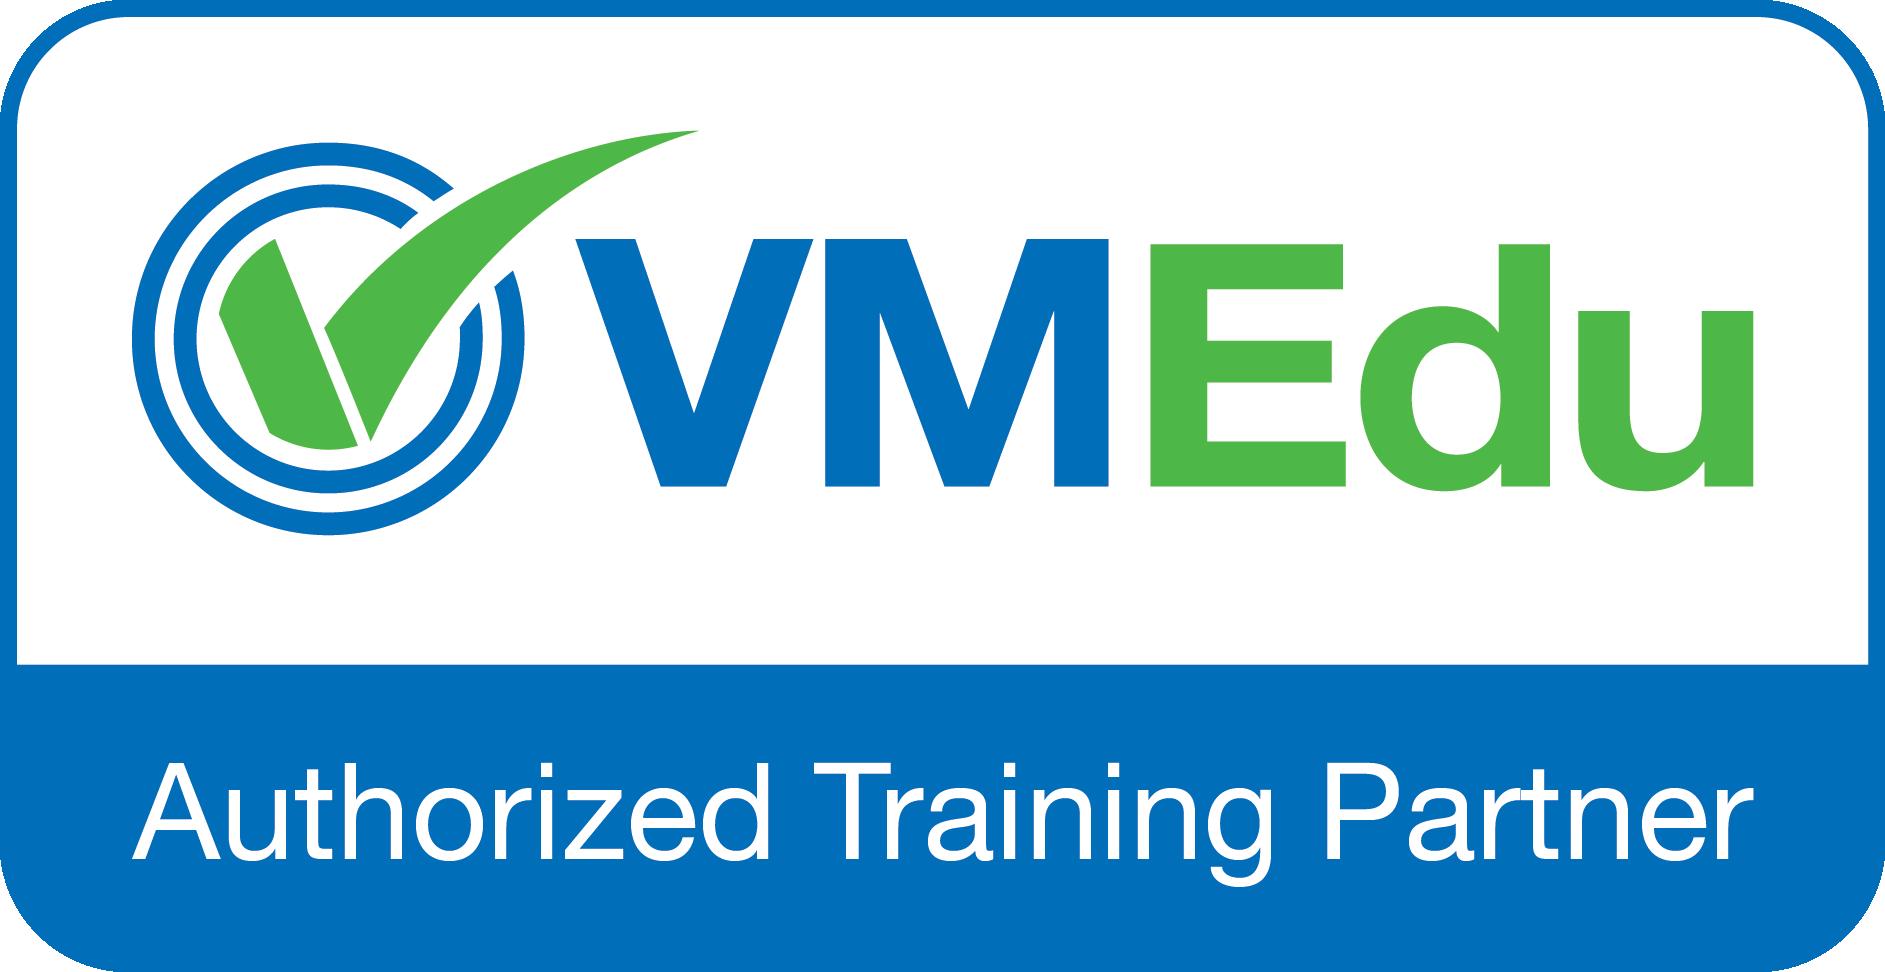 VmEdu Authorized Training Partner Logo